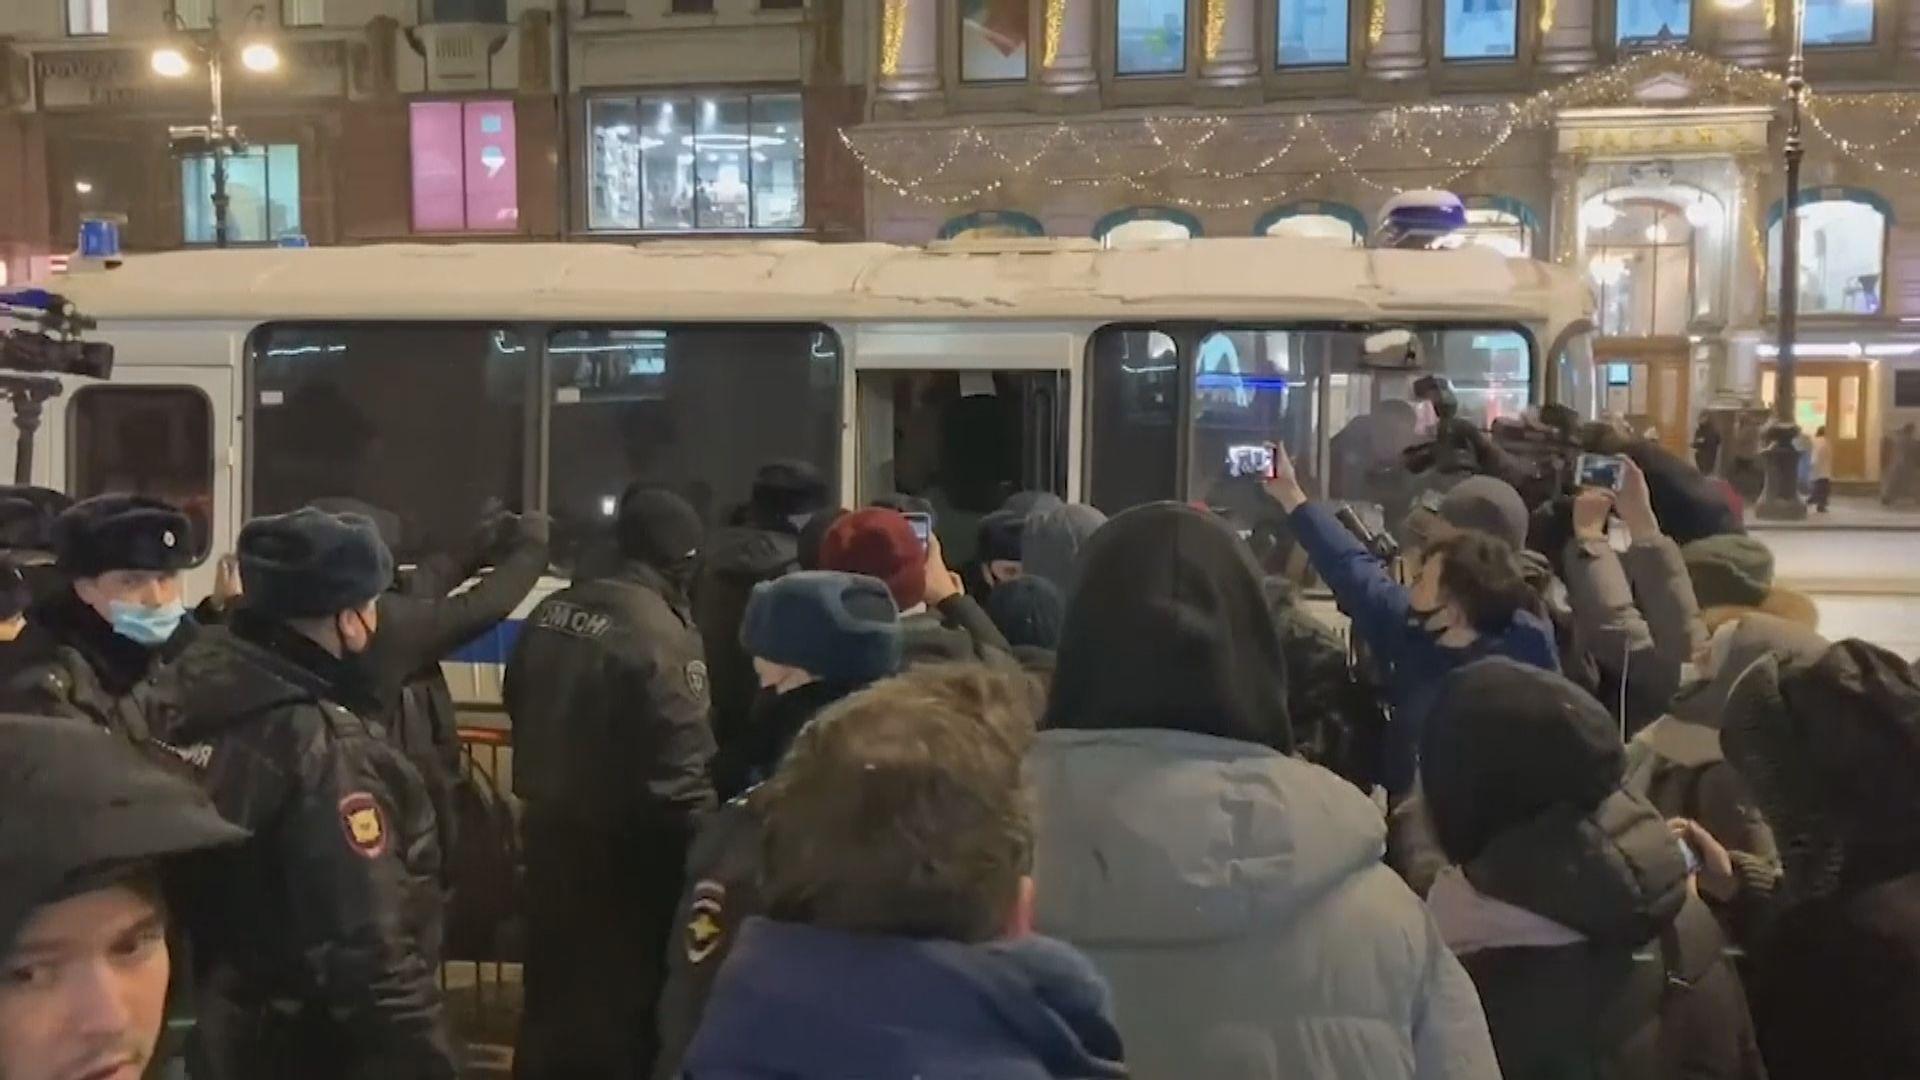 俄反對派領袖納瓦爾尼被扣留30天 引發示威多人被捕